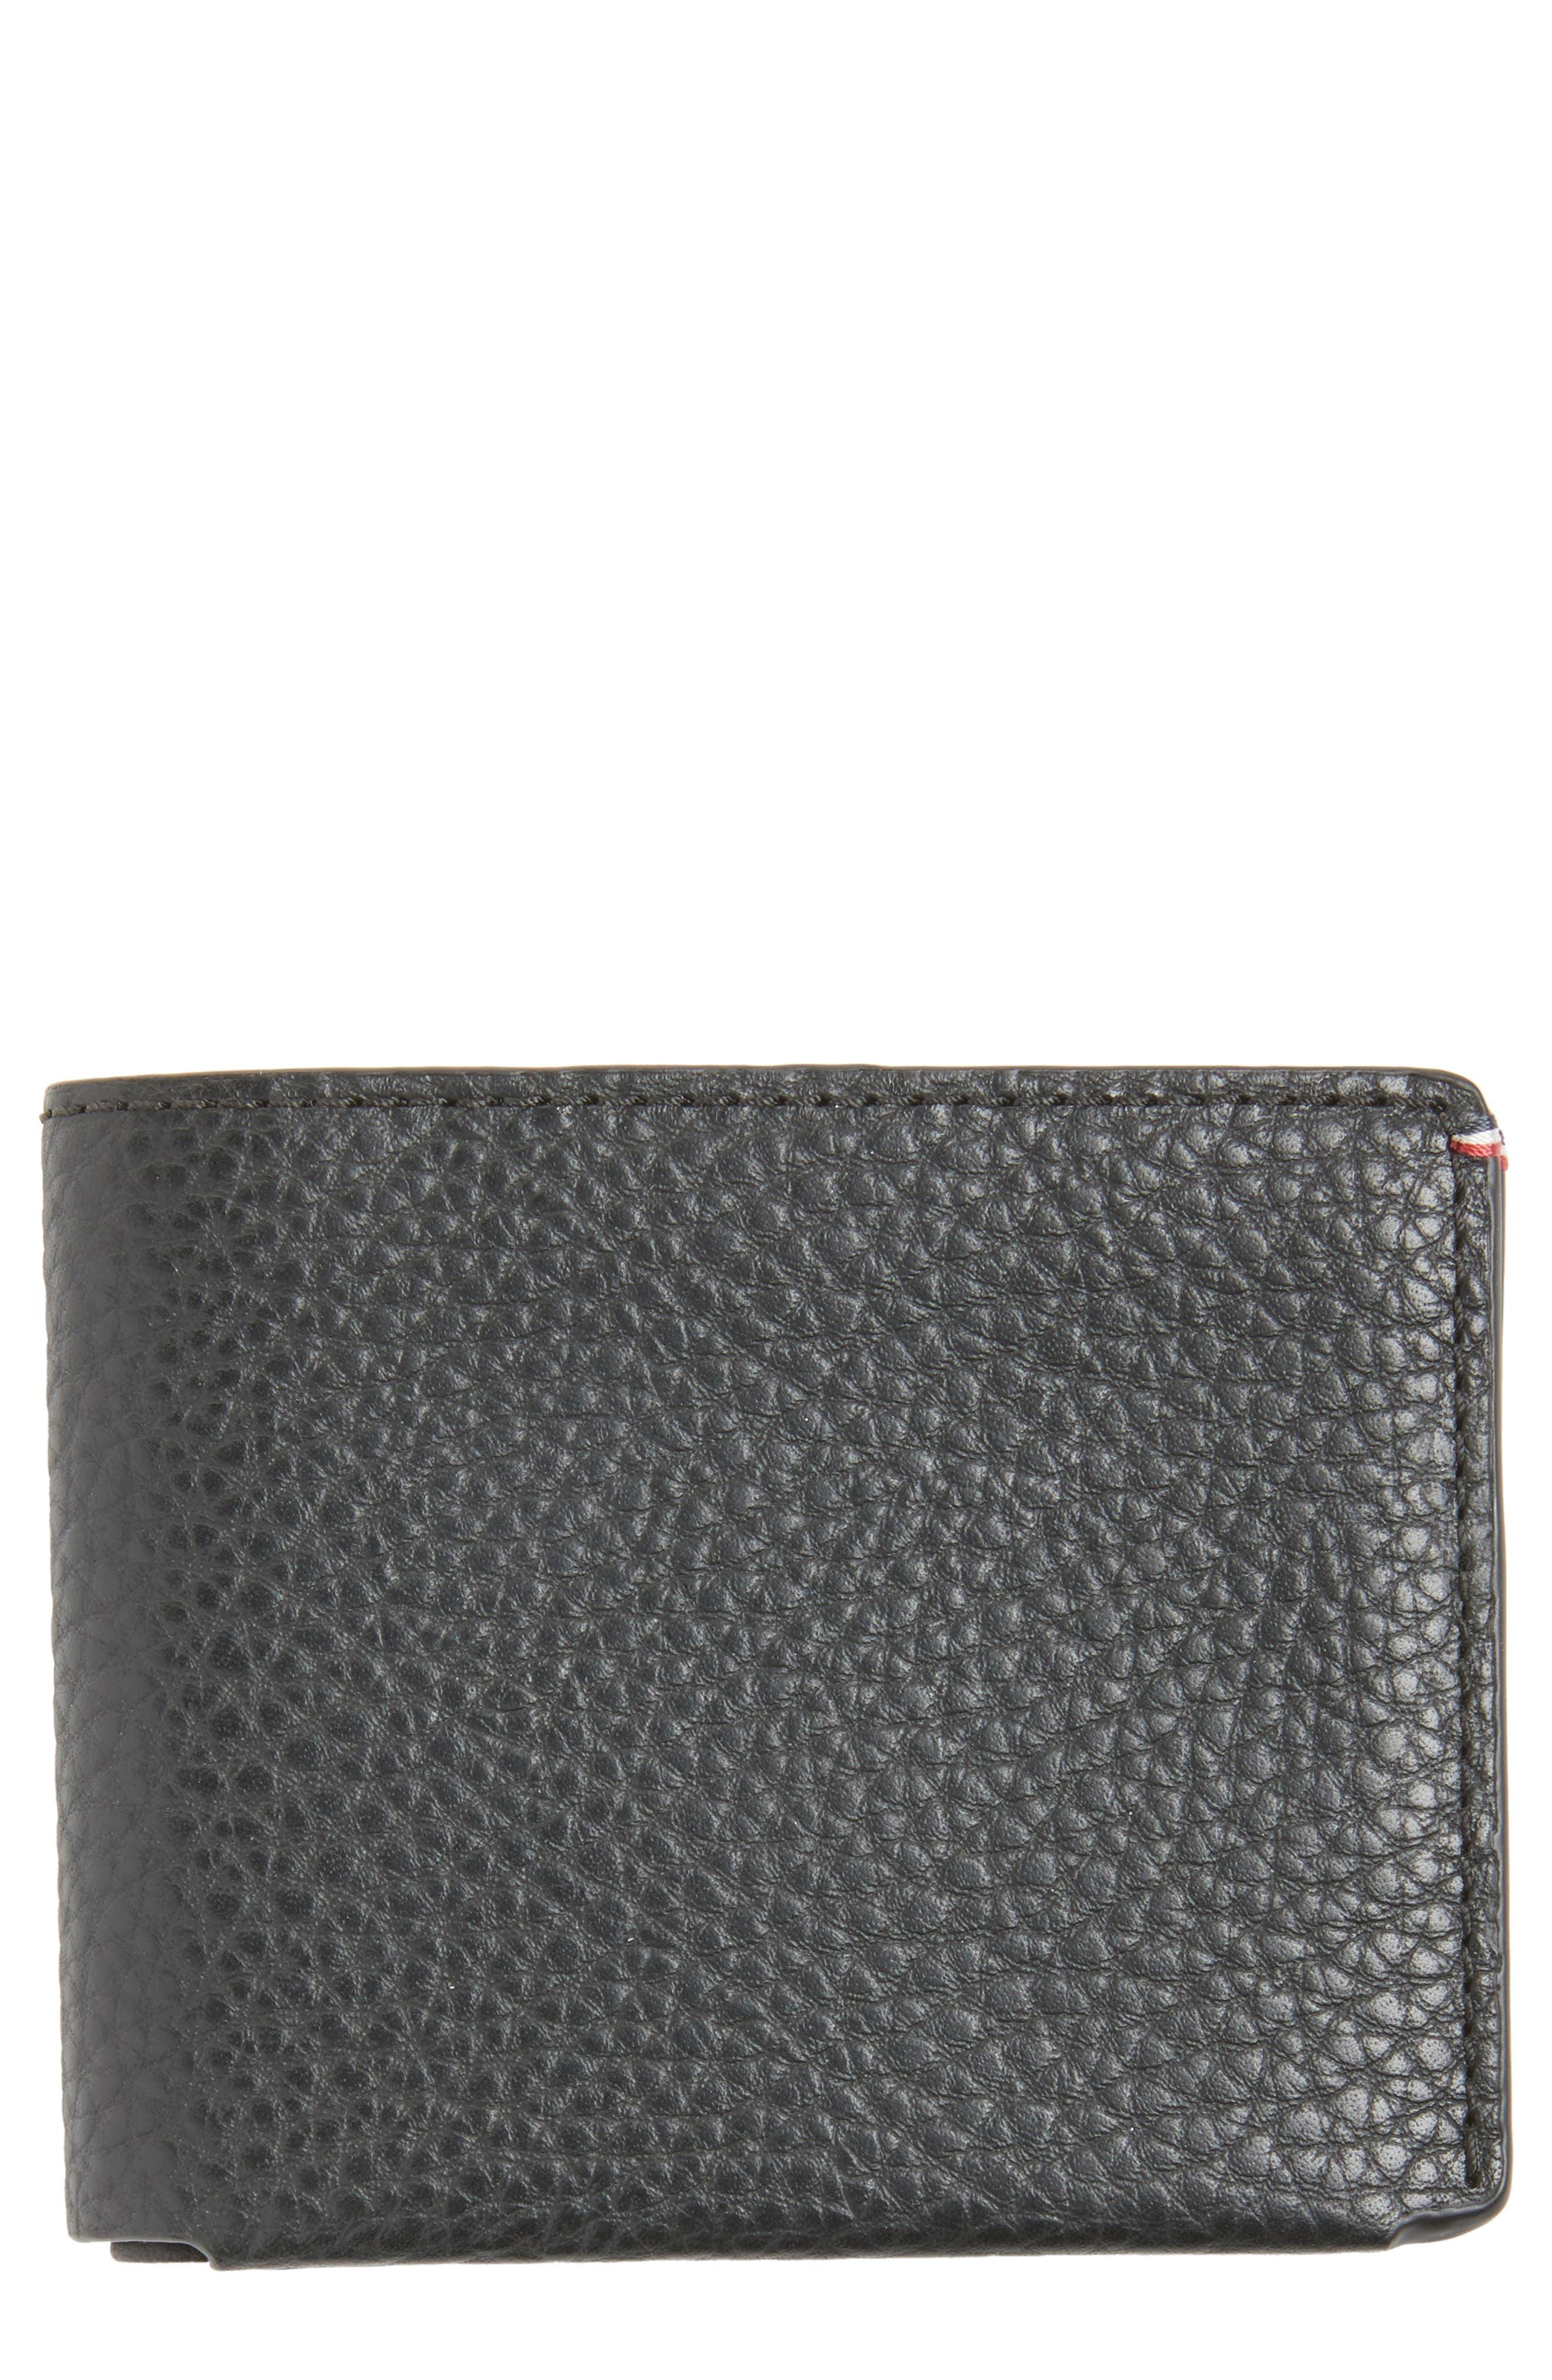 Jack Mason Leather Wallet